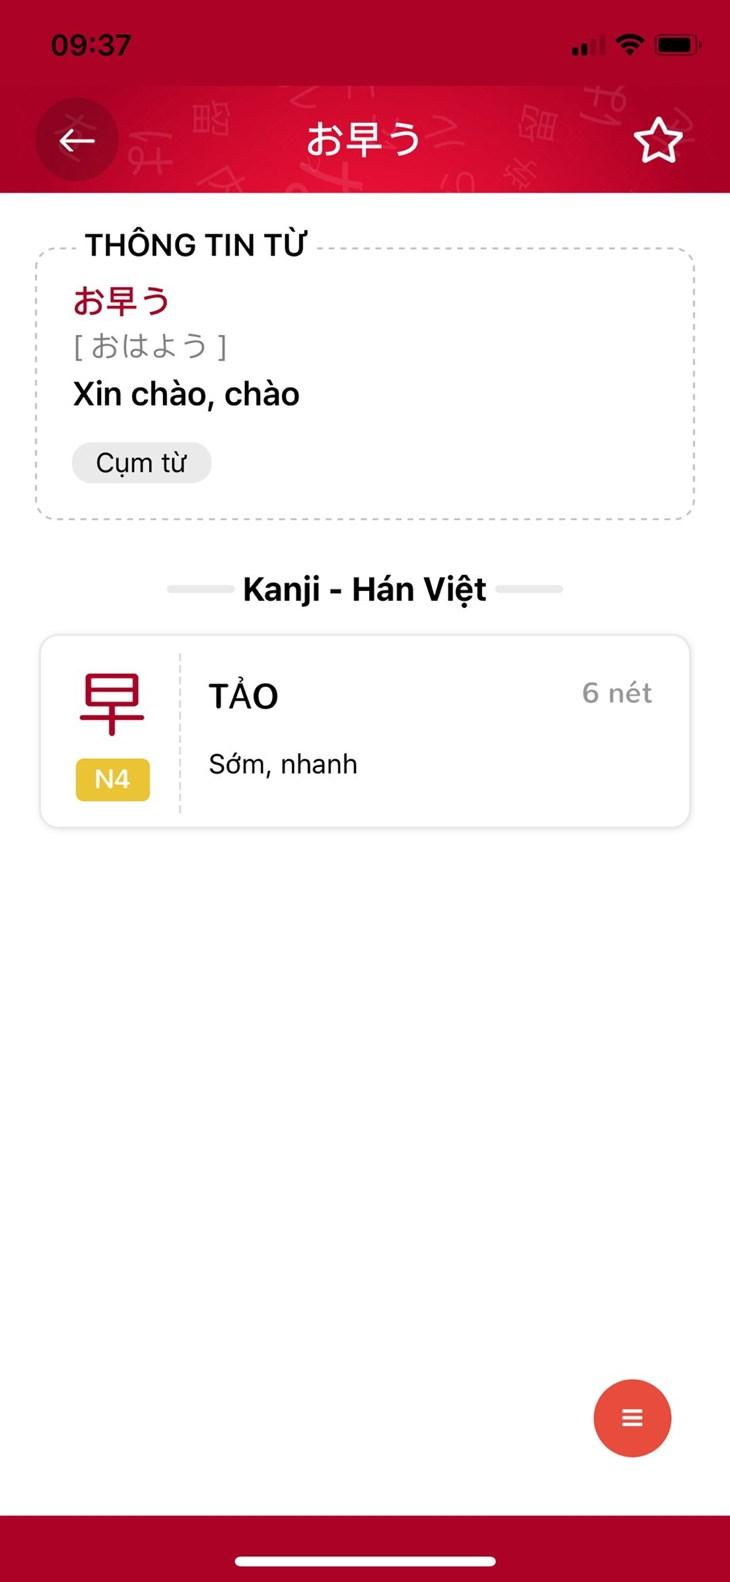 Từ điển Kantan - Song ngữ Việt Nhật hàng đầu Việt Nam - ảnh 2